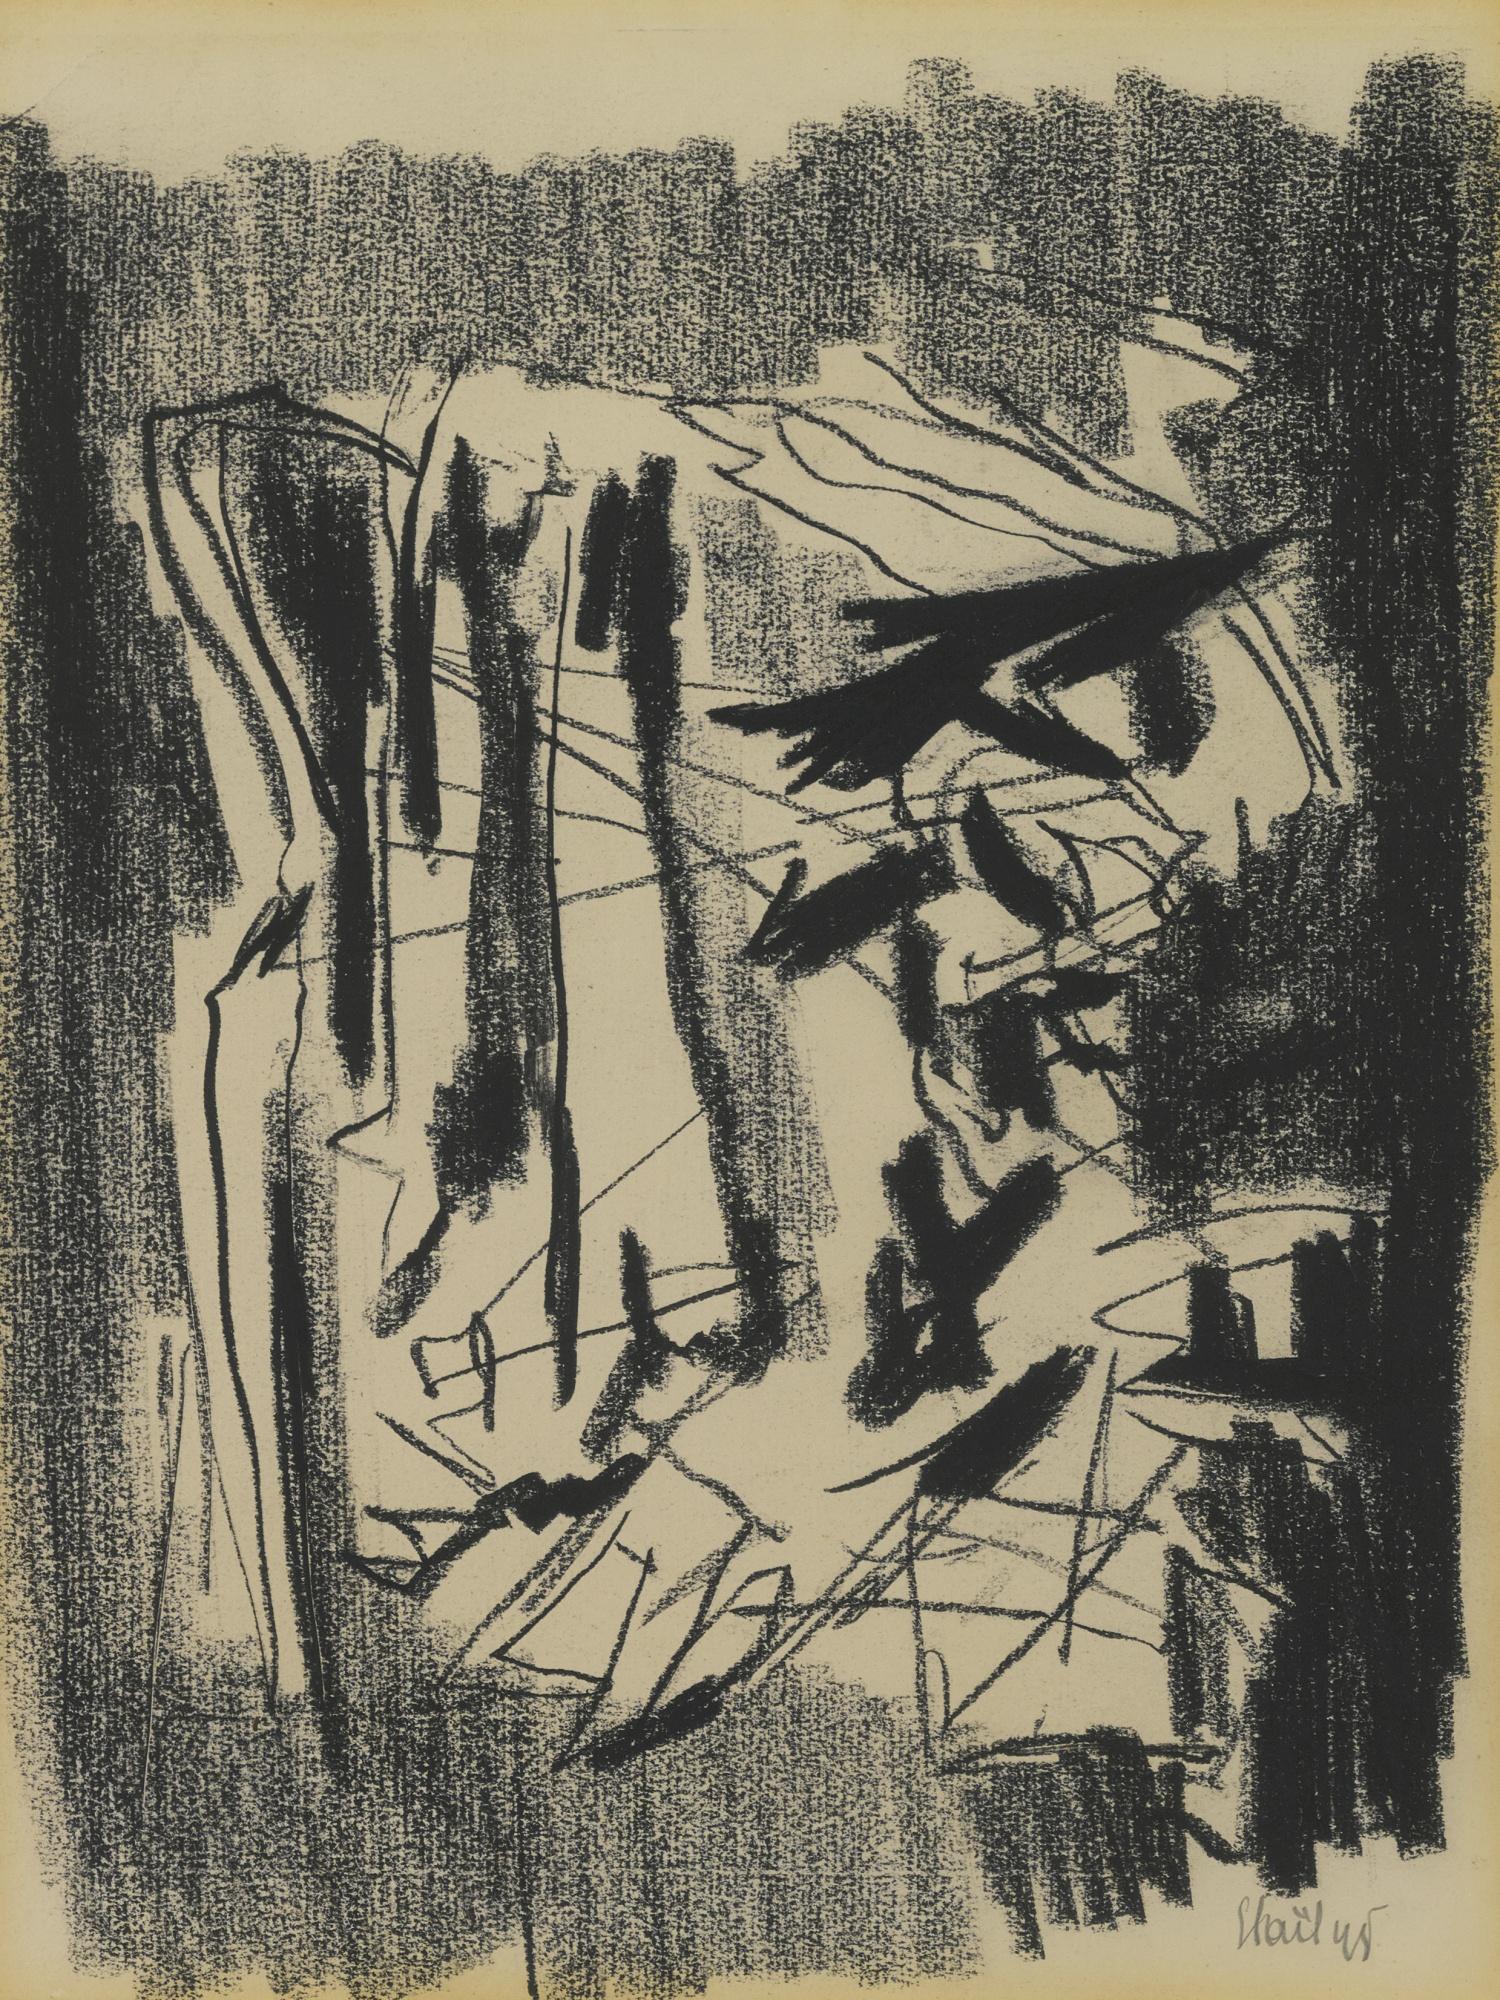 Nicolas de Stael-Composition-1945